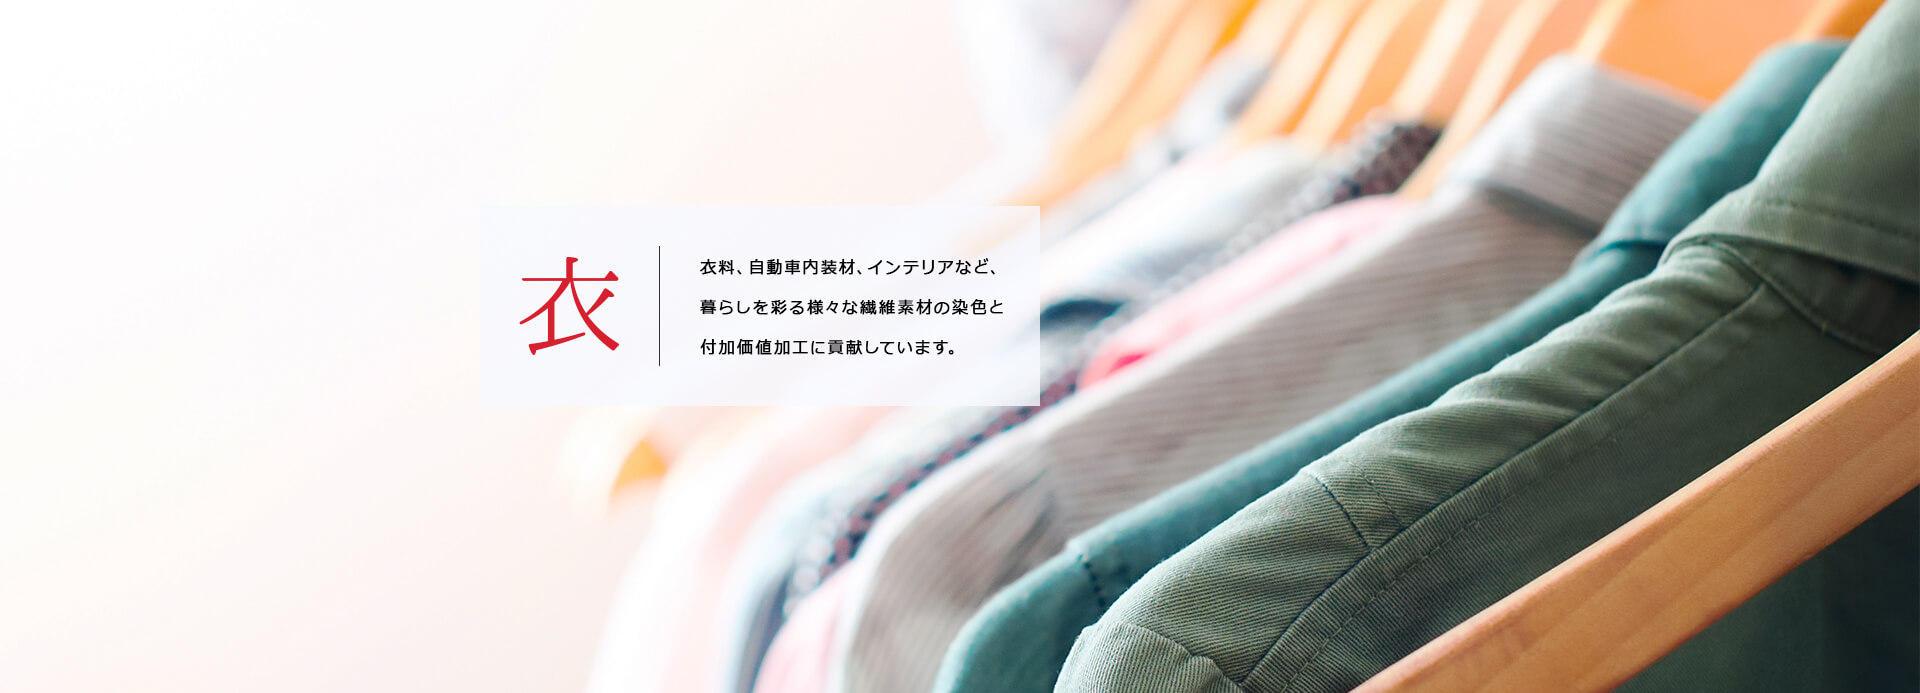 衣 | 衣料、自動車内装材、インテリアなど、暮らしを彩る様々な繊維素材の染色と付加価値加工に貢献しています。